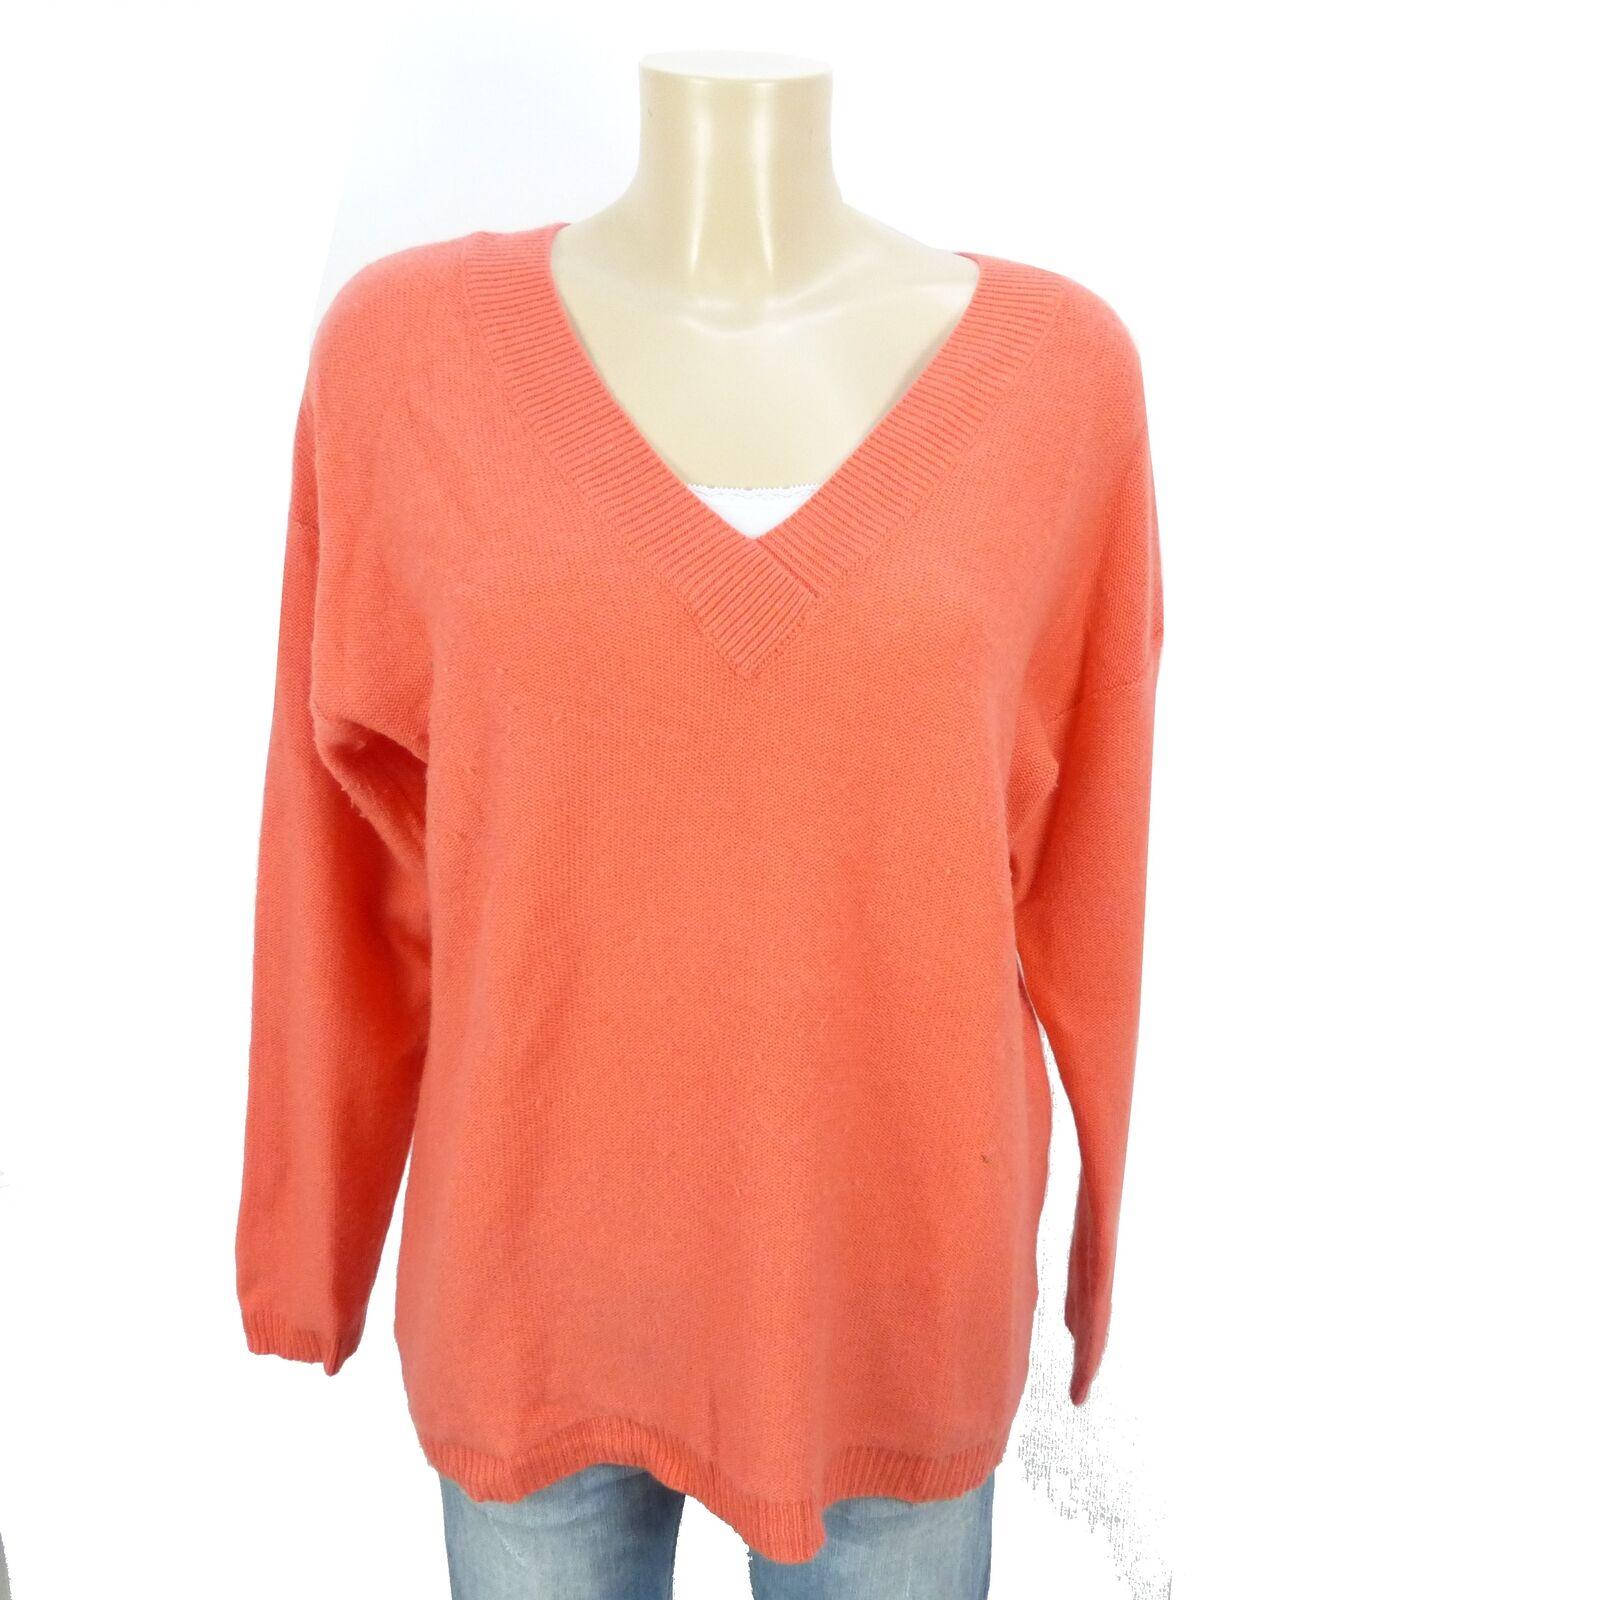 Juvia pullover knit CASHMERE LANA OverDimensione OverDimensione OverDimensione Arancione Taglia M 38 (bi256) bfa4a5